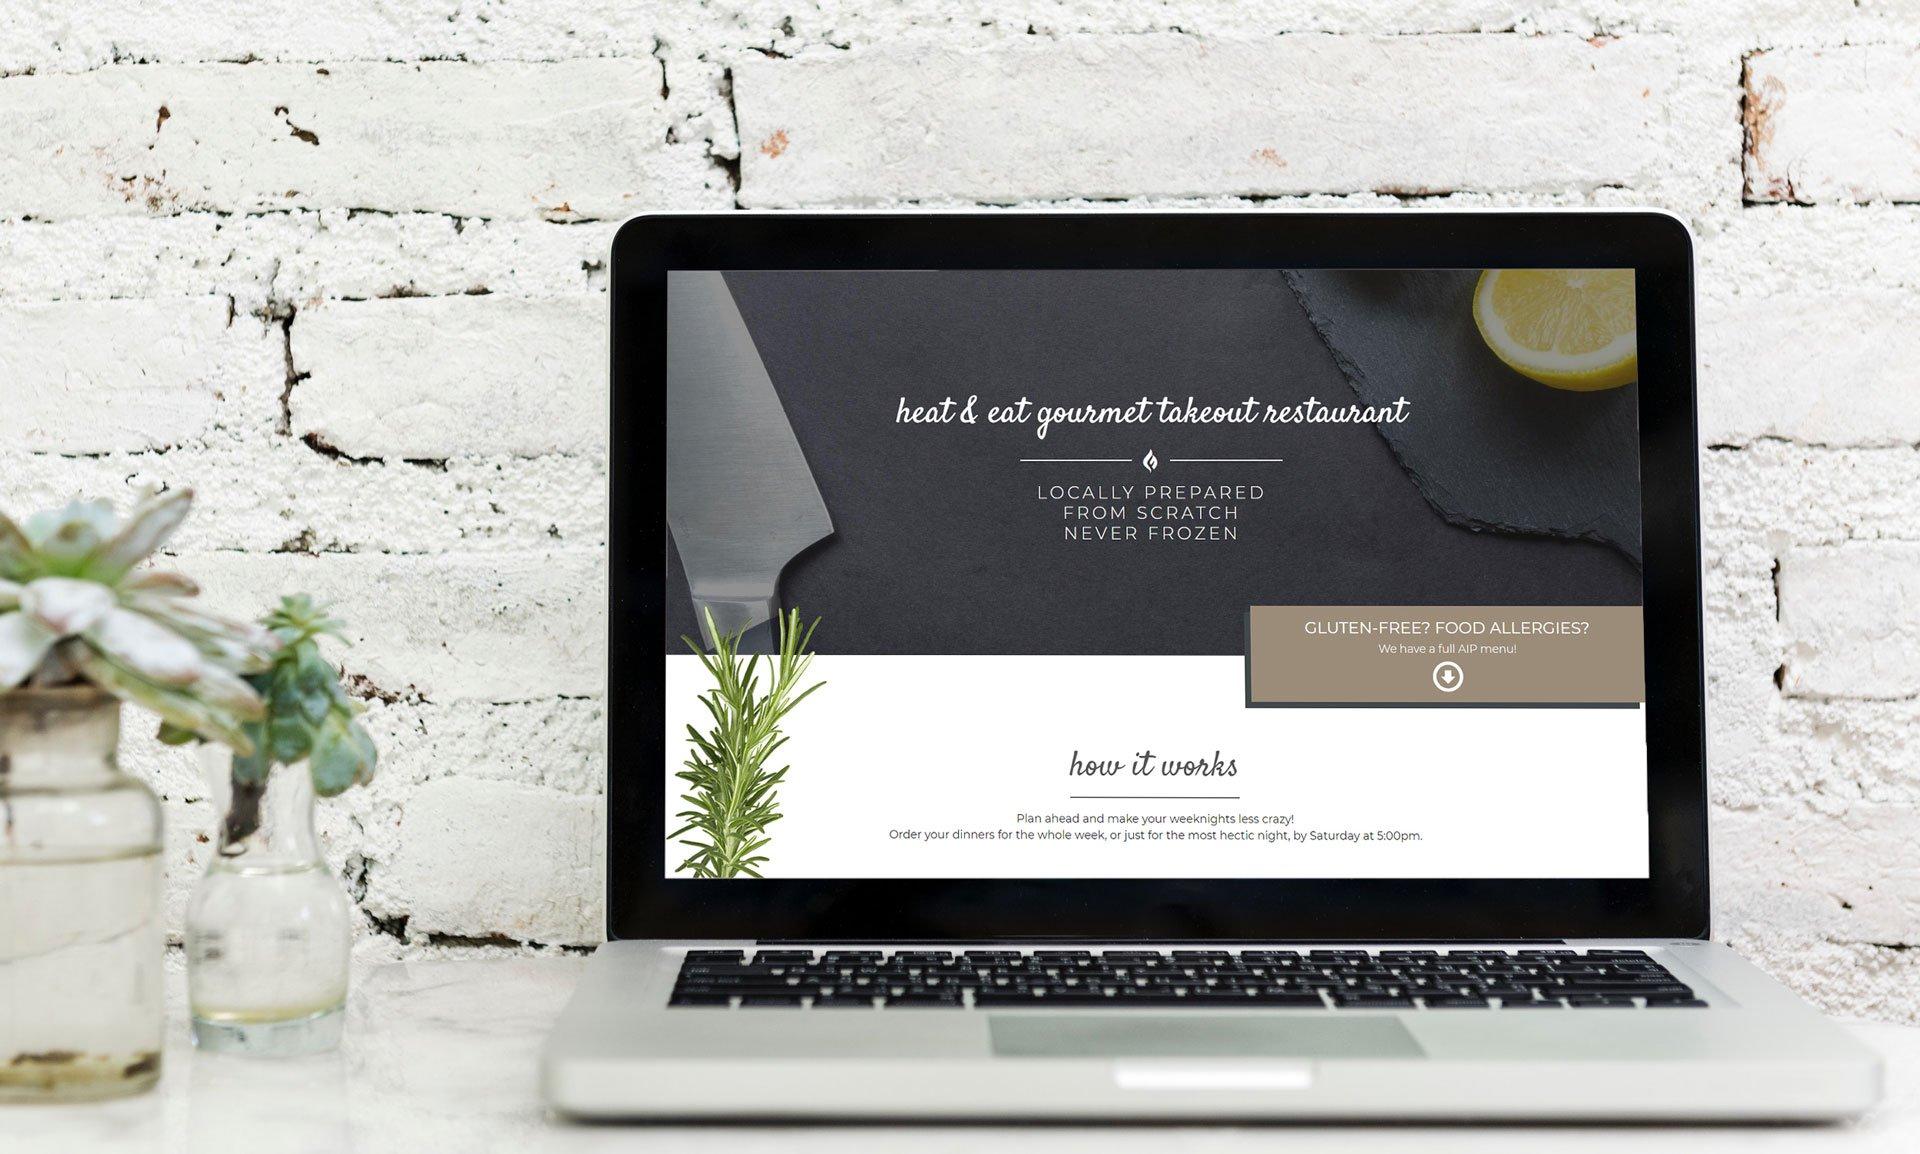 ParTake Kitchen Restaurant Website Design Project